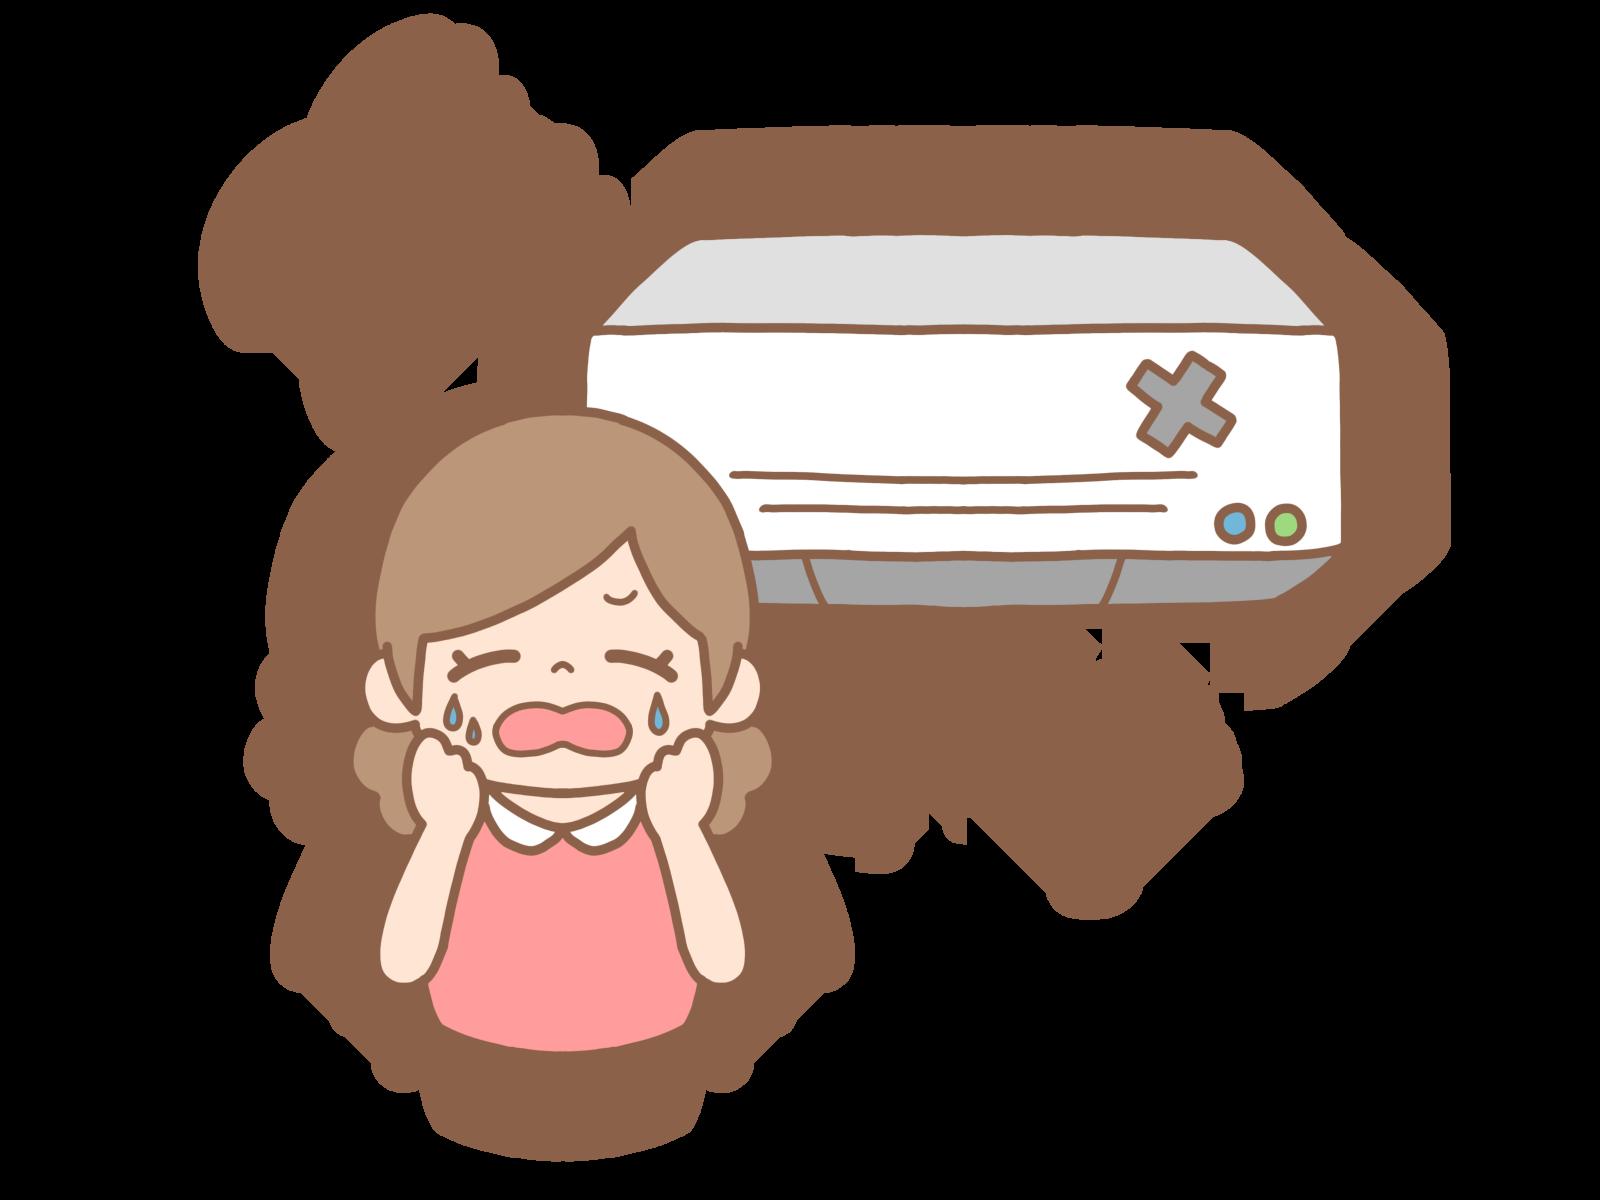 河内長野エアコン故障でお困りなら…即取付可能なお買得エアコンあります